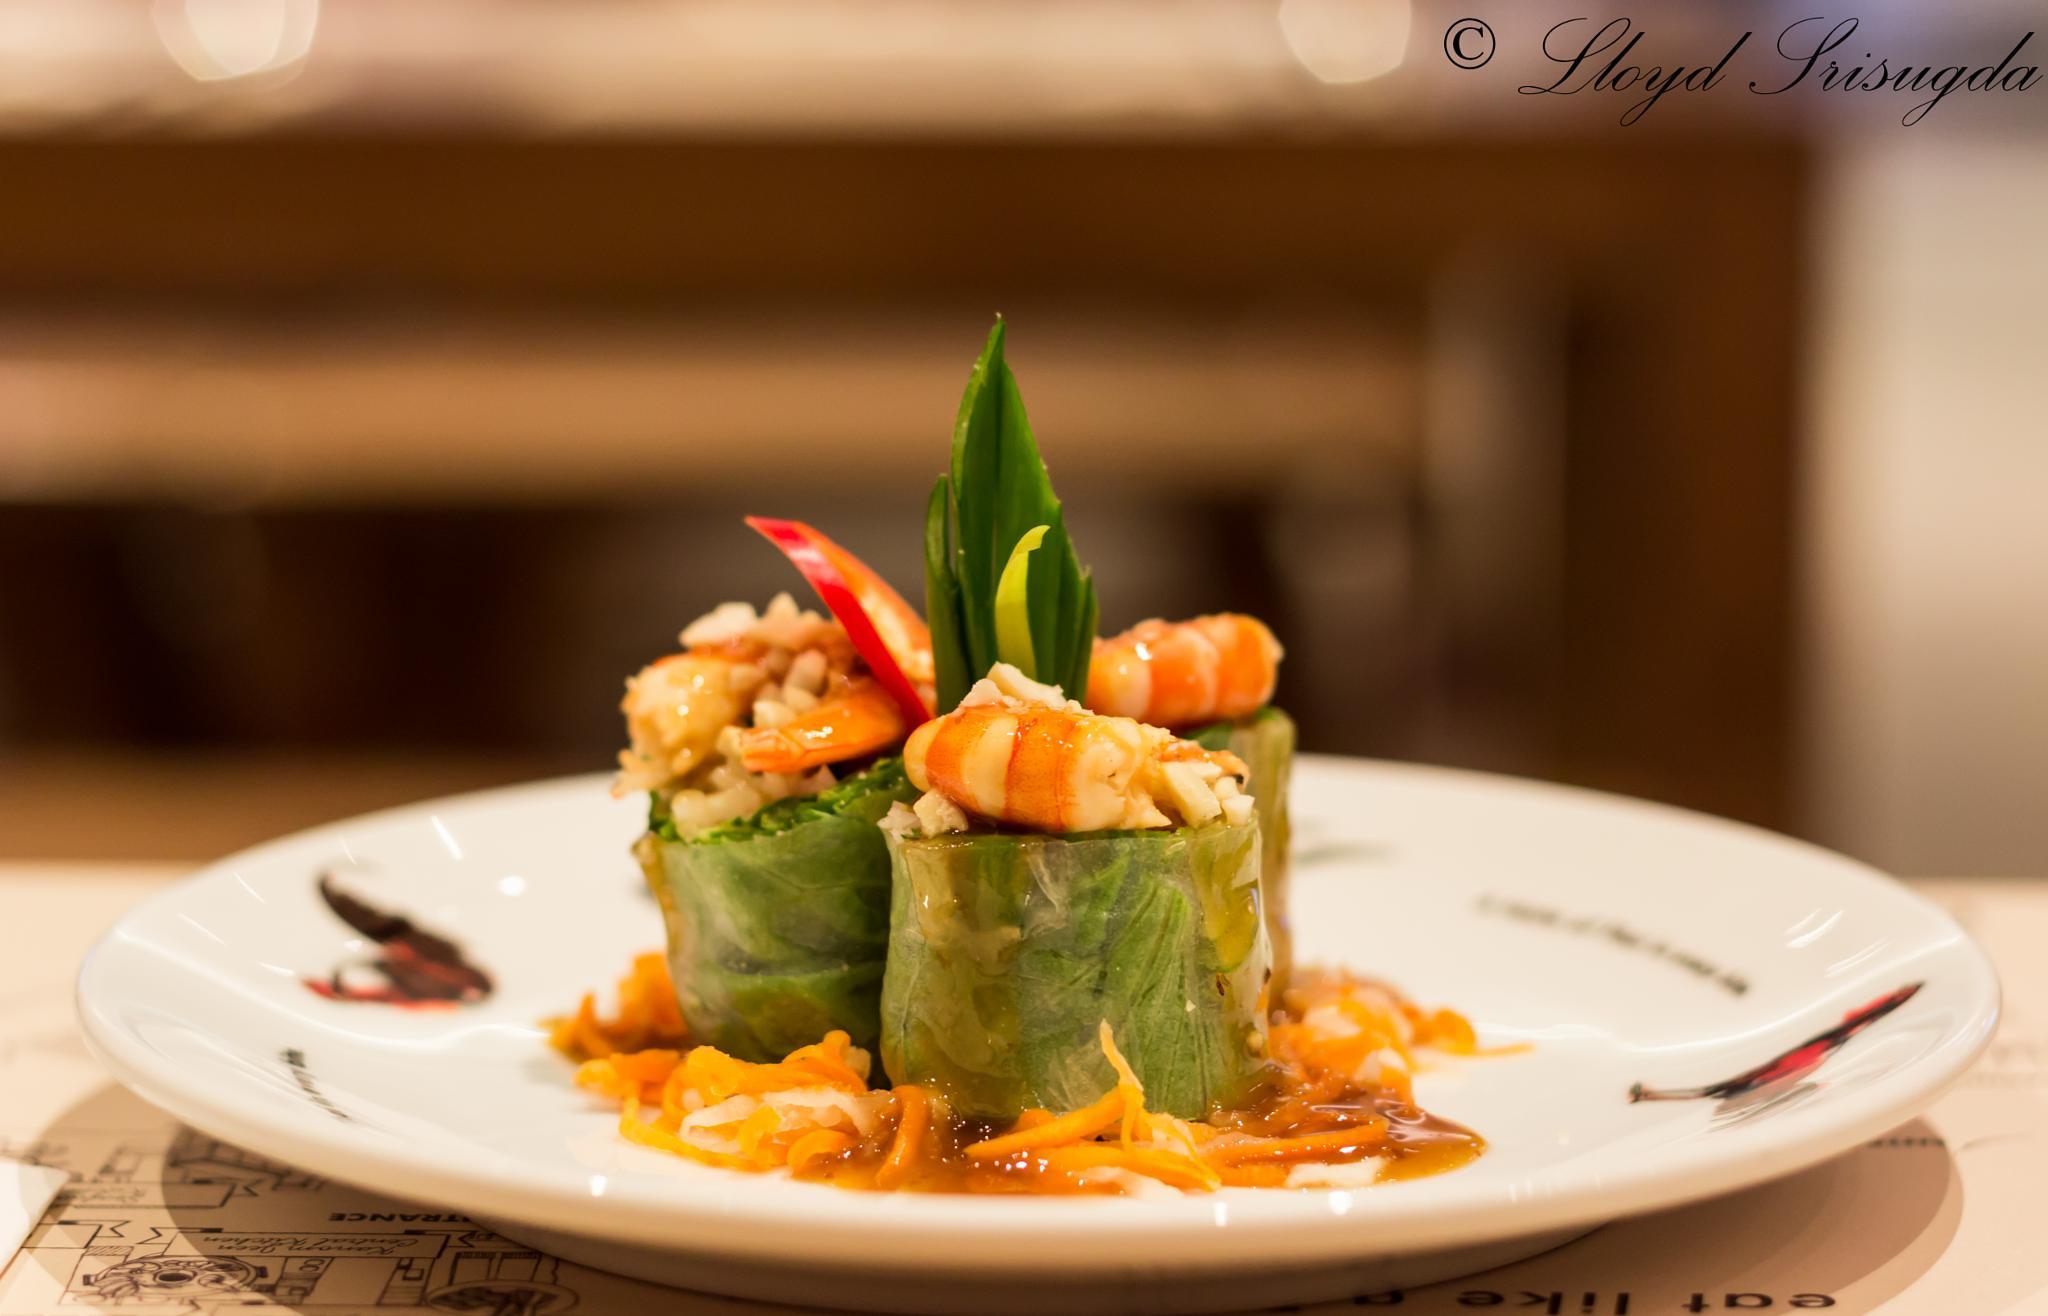 Vietnamese fresh spring rolls by lloydsrisugda